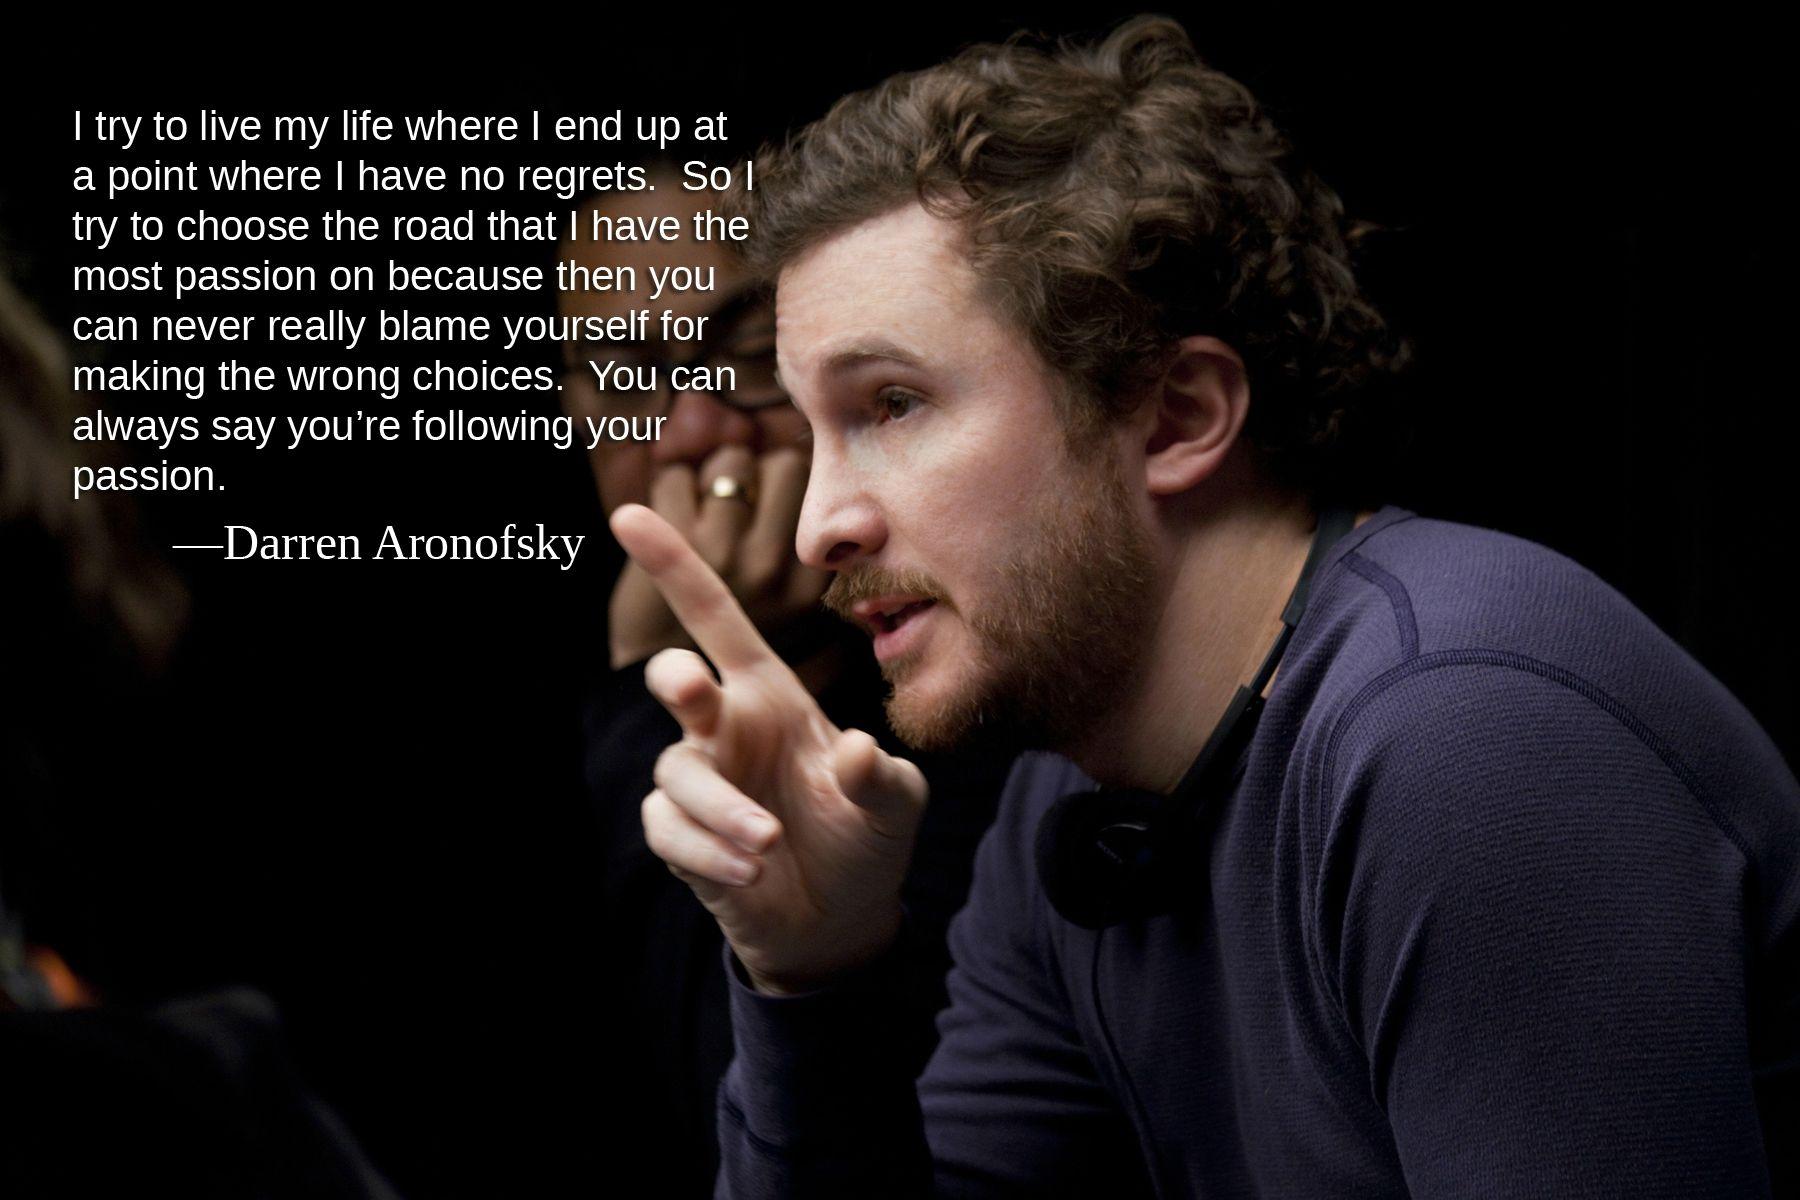 Darren Aronofsky's quote #7